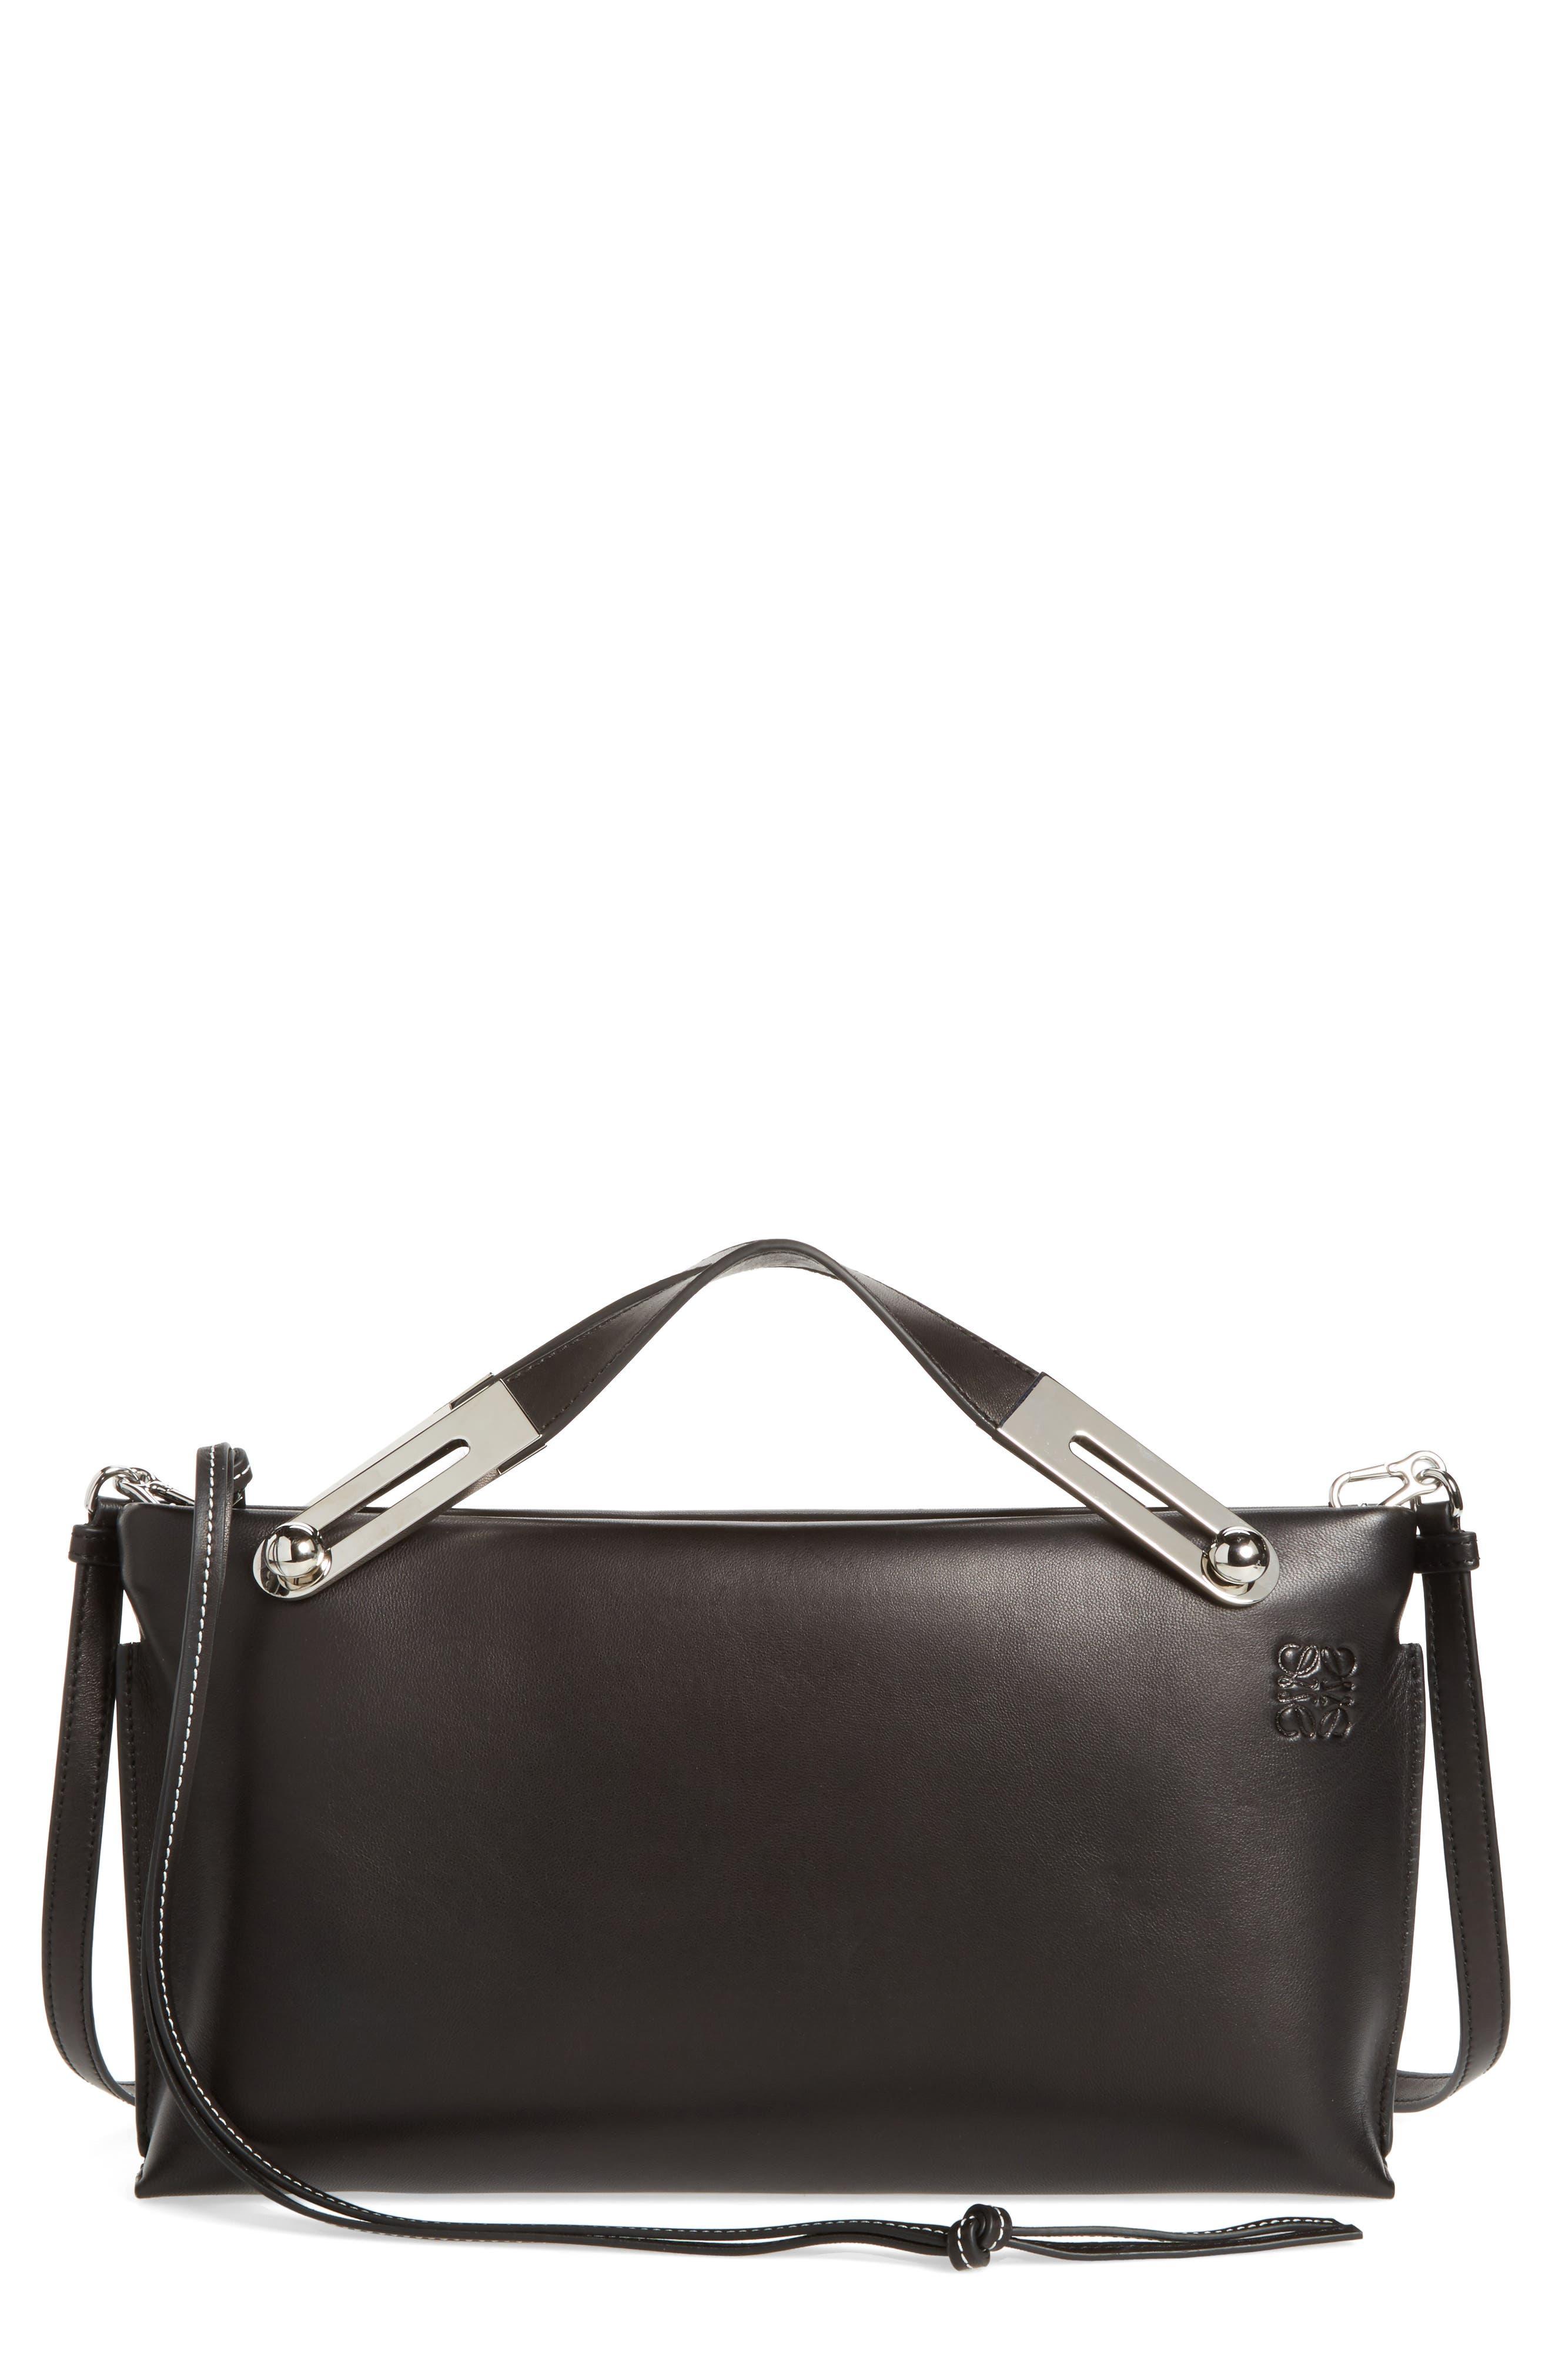 Missy Lambskin Leather Shoulder Bag,                         Main,                         color, BLACK